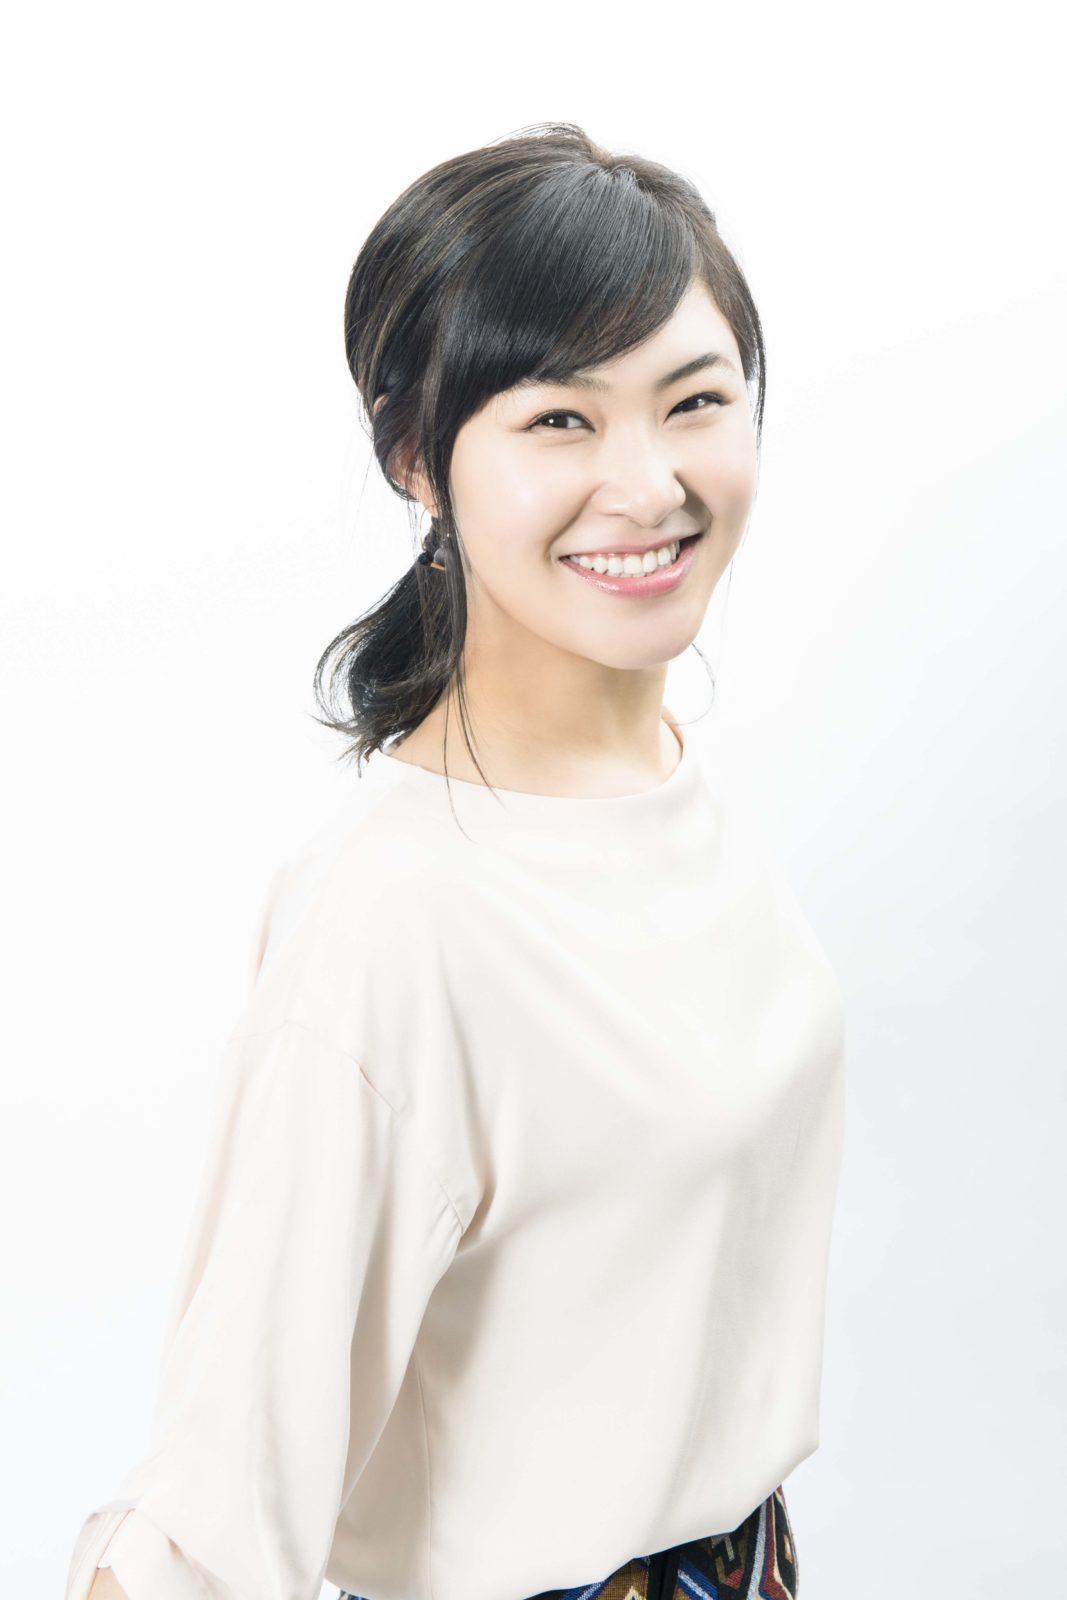 村上佳菜子 現役時代に恋人と会った期間は1年間で「1週間もないかも」サムネイル画像